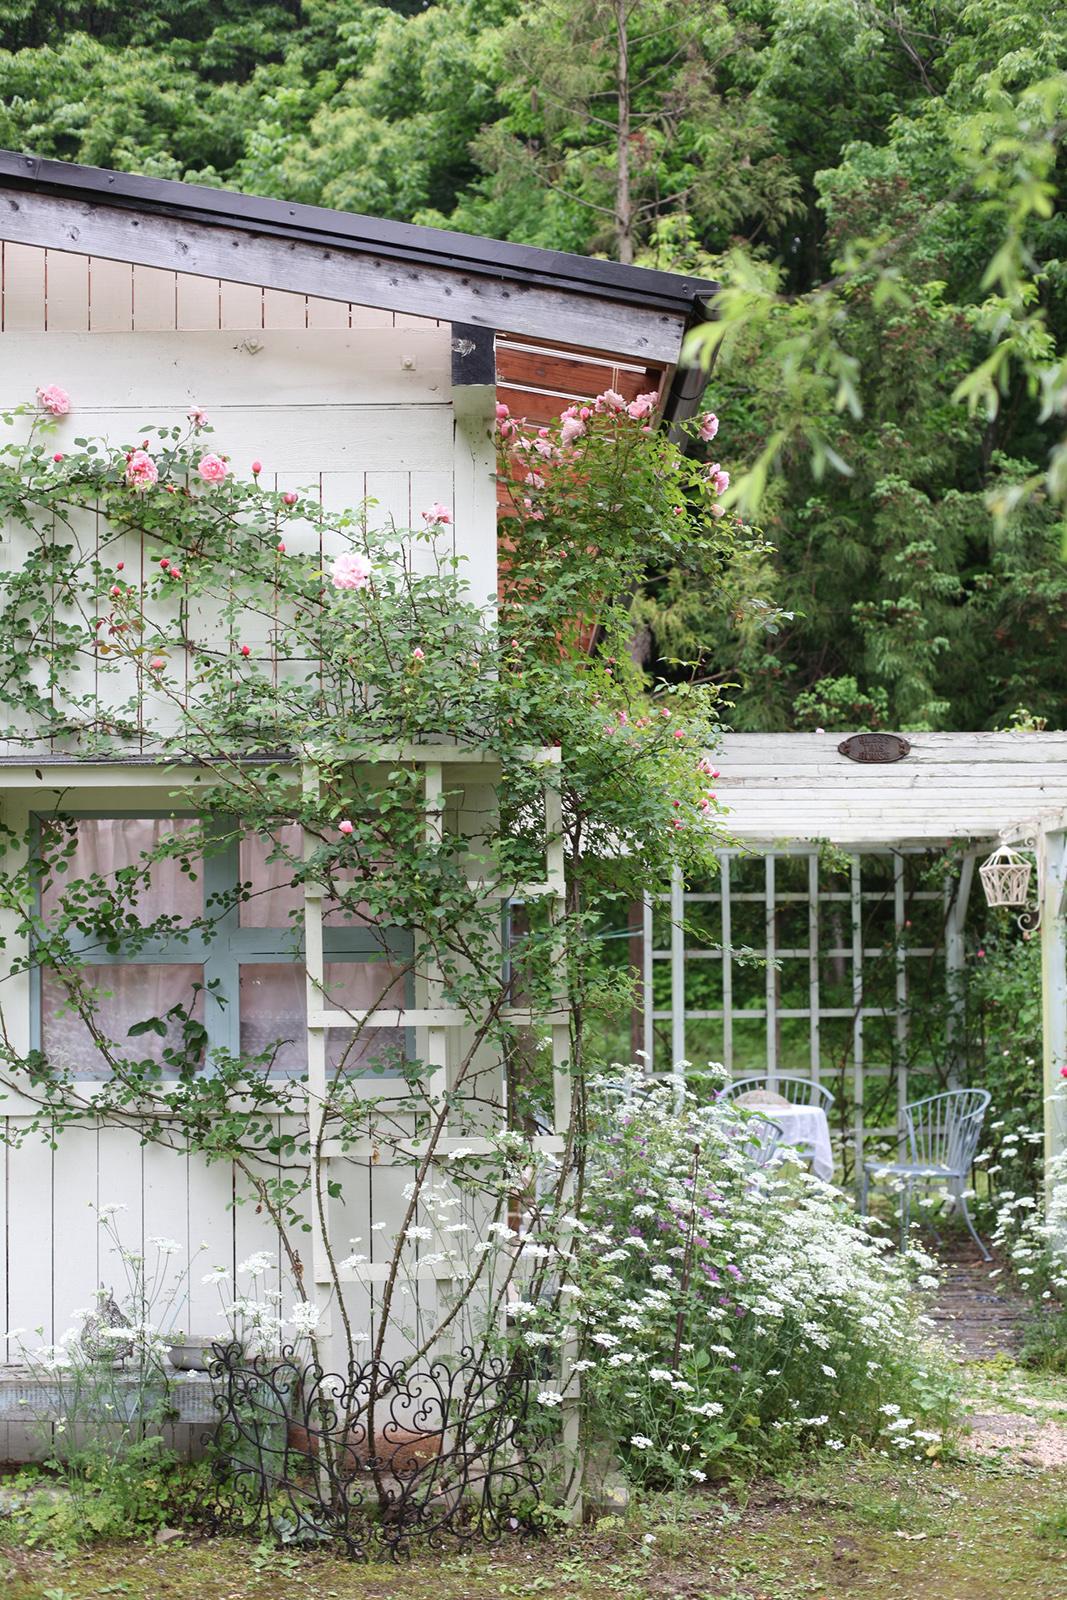 gardenfl021.JPG